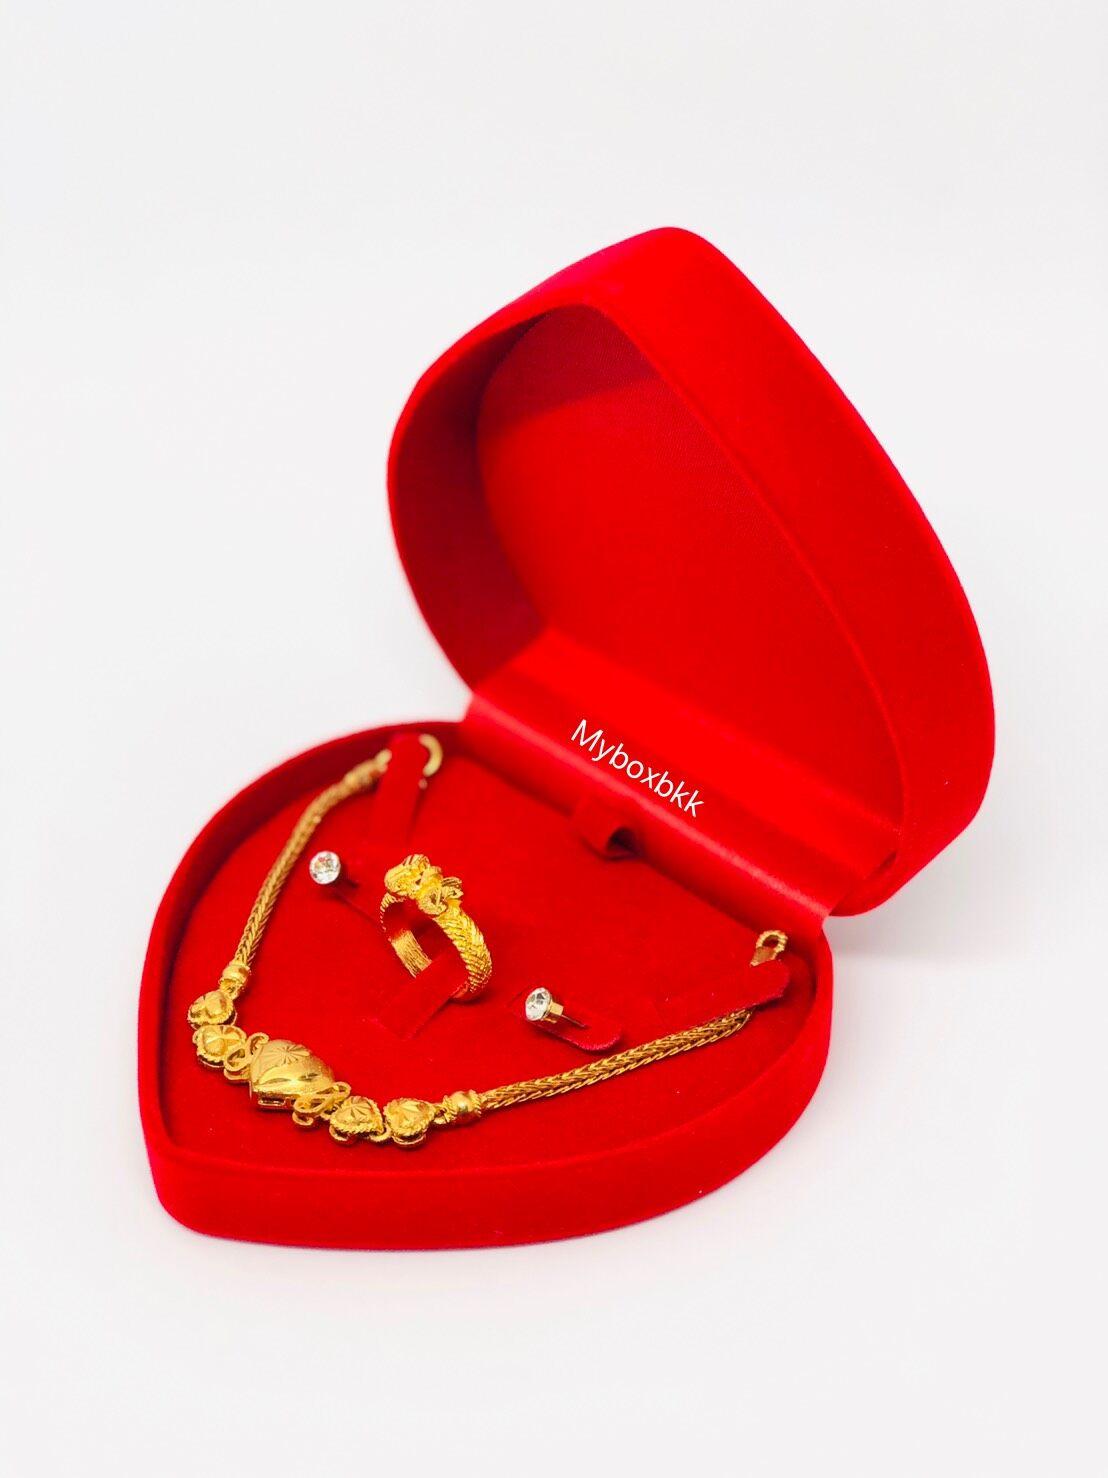 กล่องกำมะหยี่ รูปหัวใจ(ไซร์เล็ก)ใส่เครื่องประดับ แหวน ต่างหู สร้อยคอ สีแดงภายในแดง.